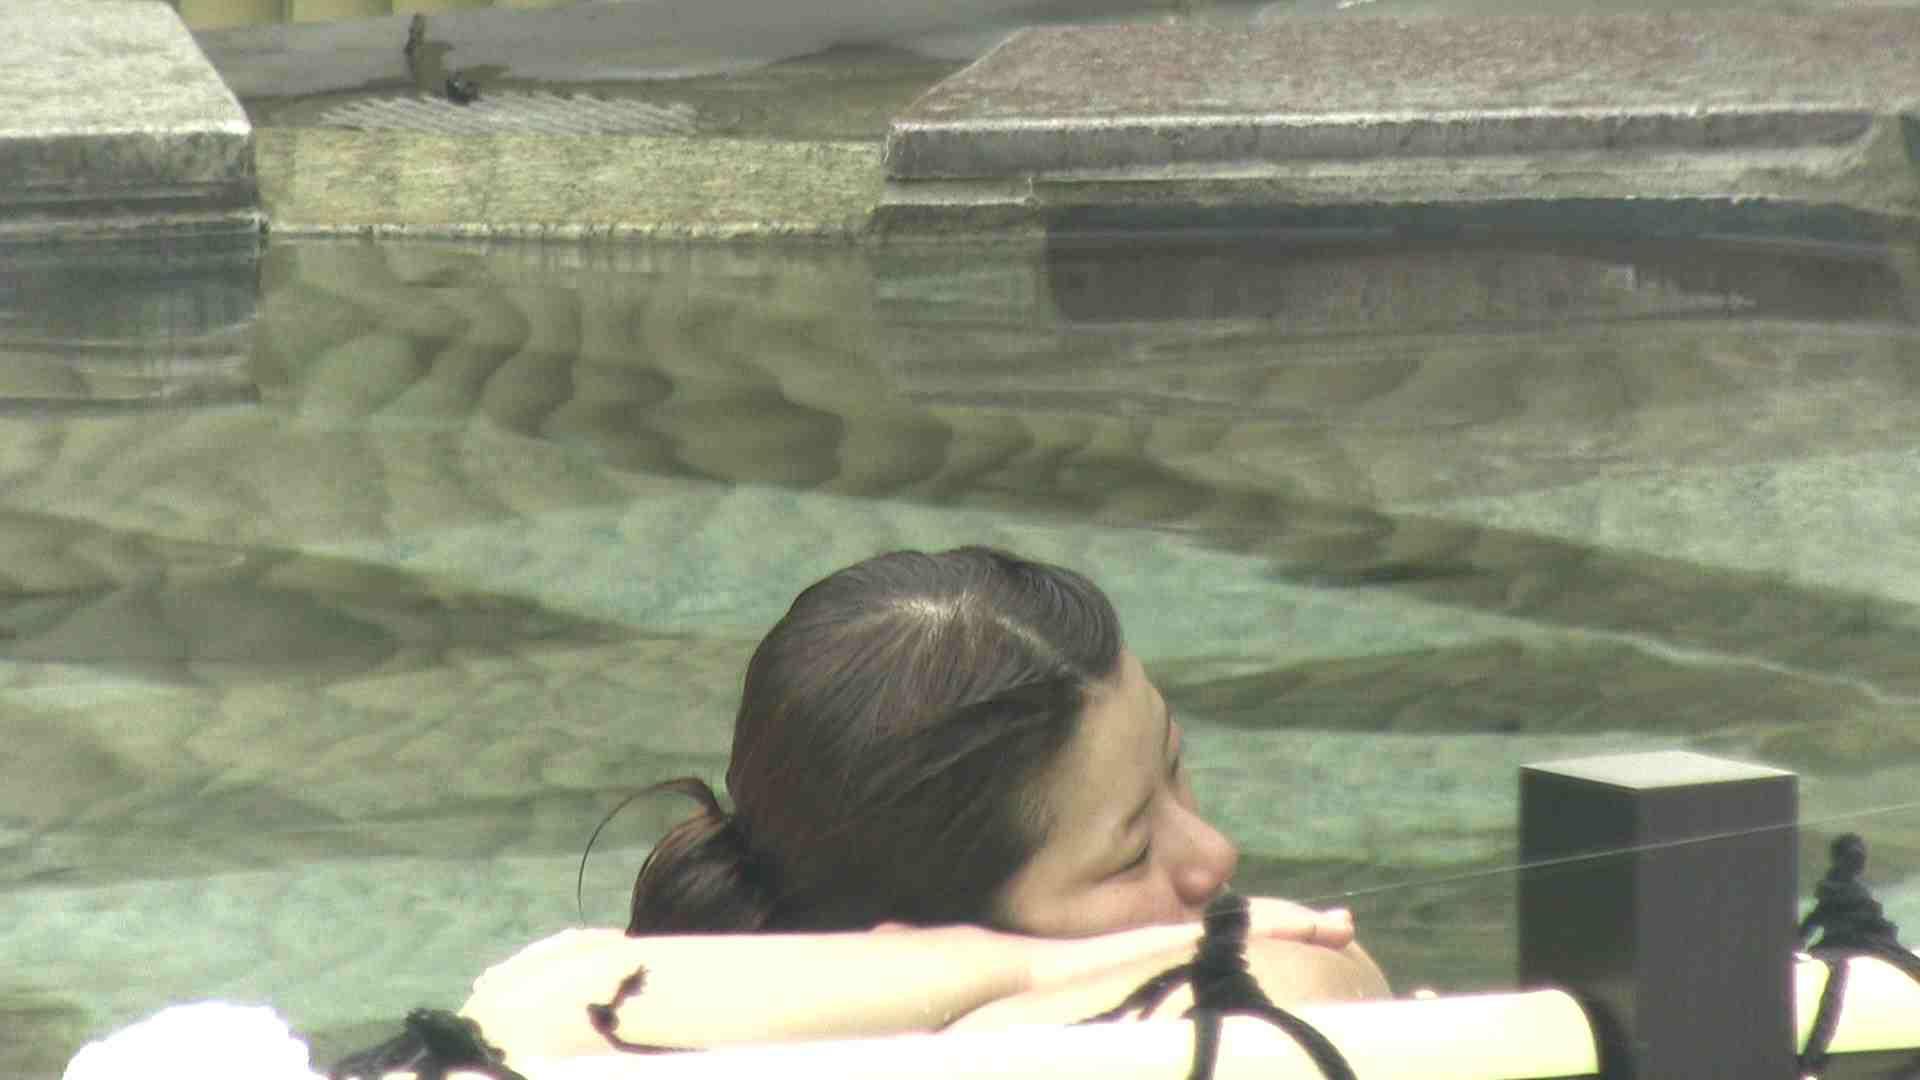 Aquaな露天風呂Vol.19【VIP】 美しいOLの裸体   盗撮師作品  106pic 46